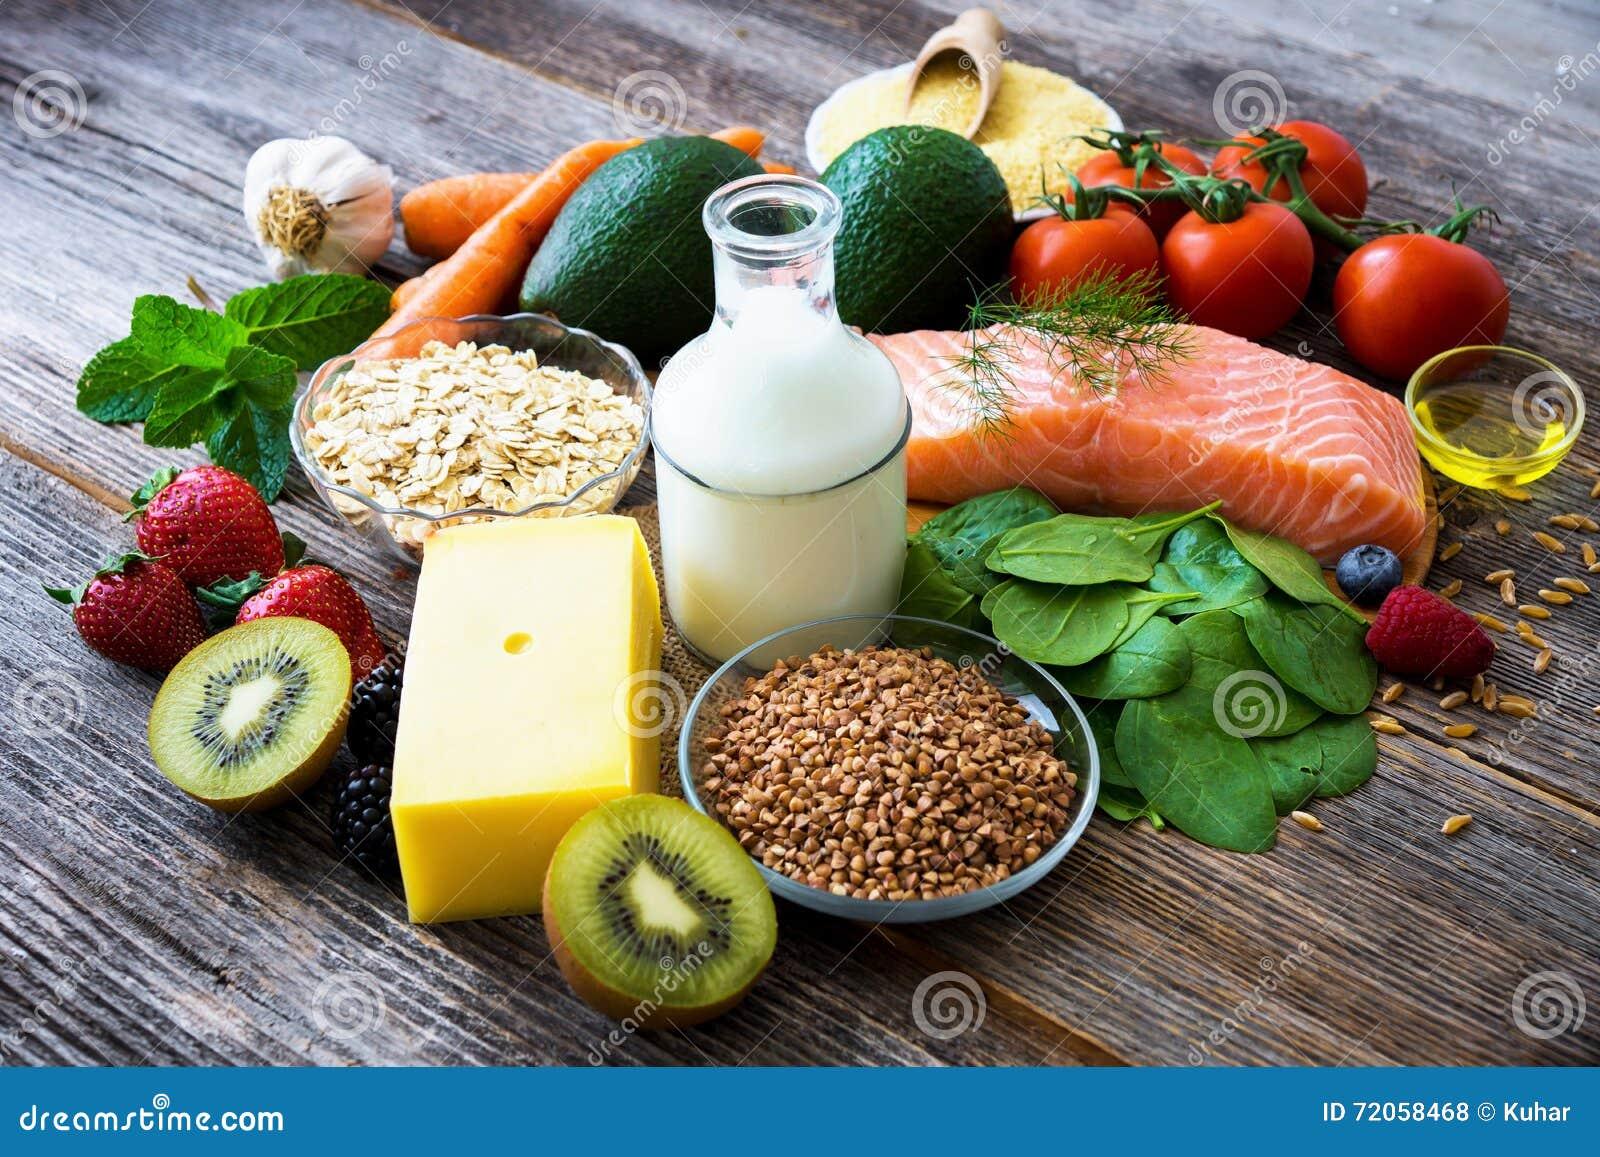 Wybór zdrowy jedzenie